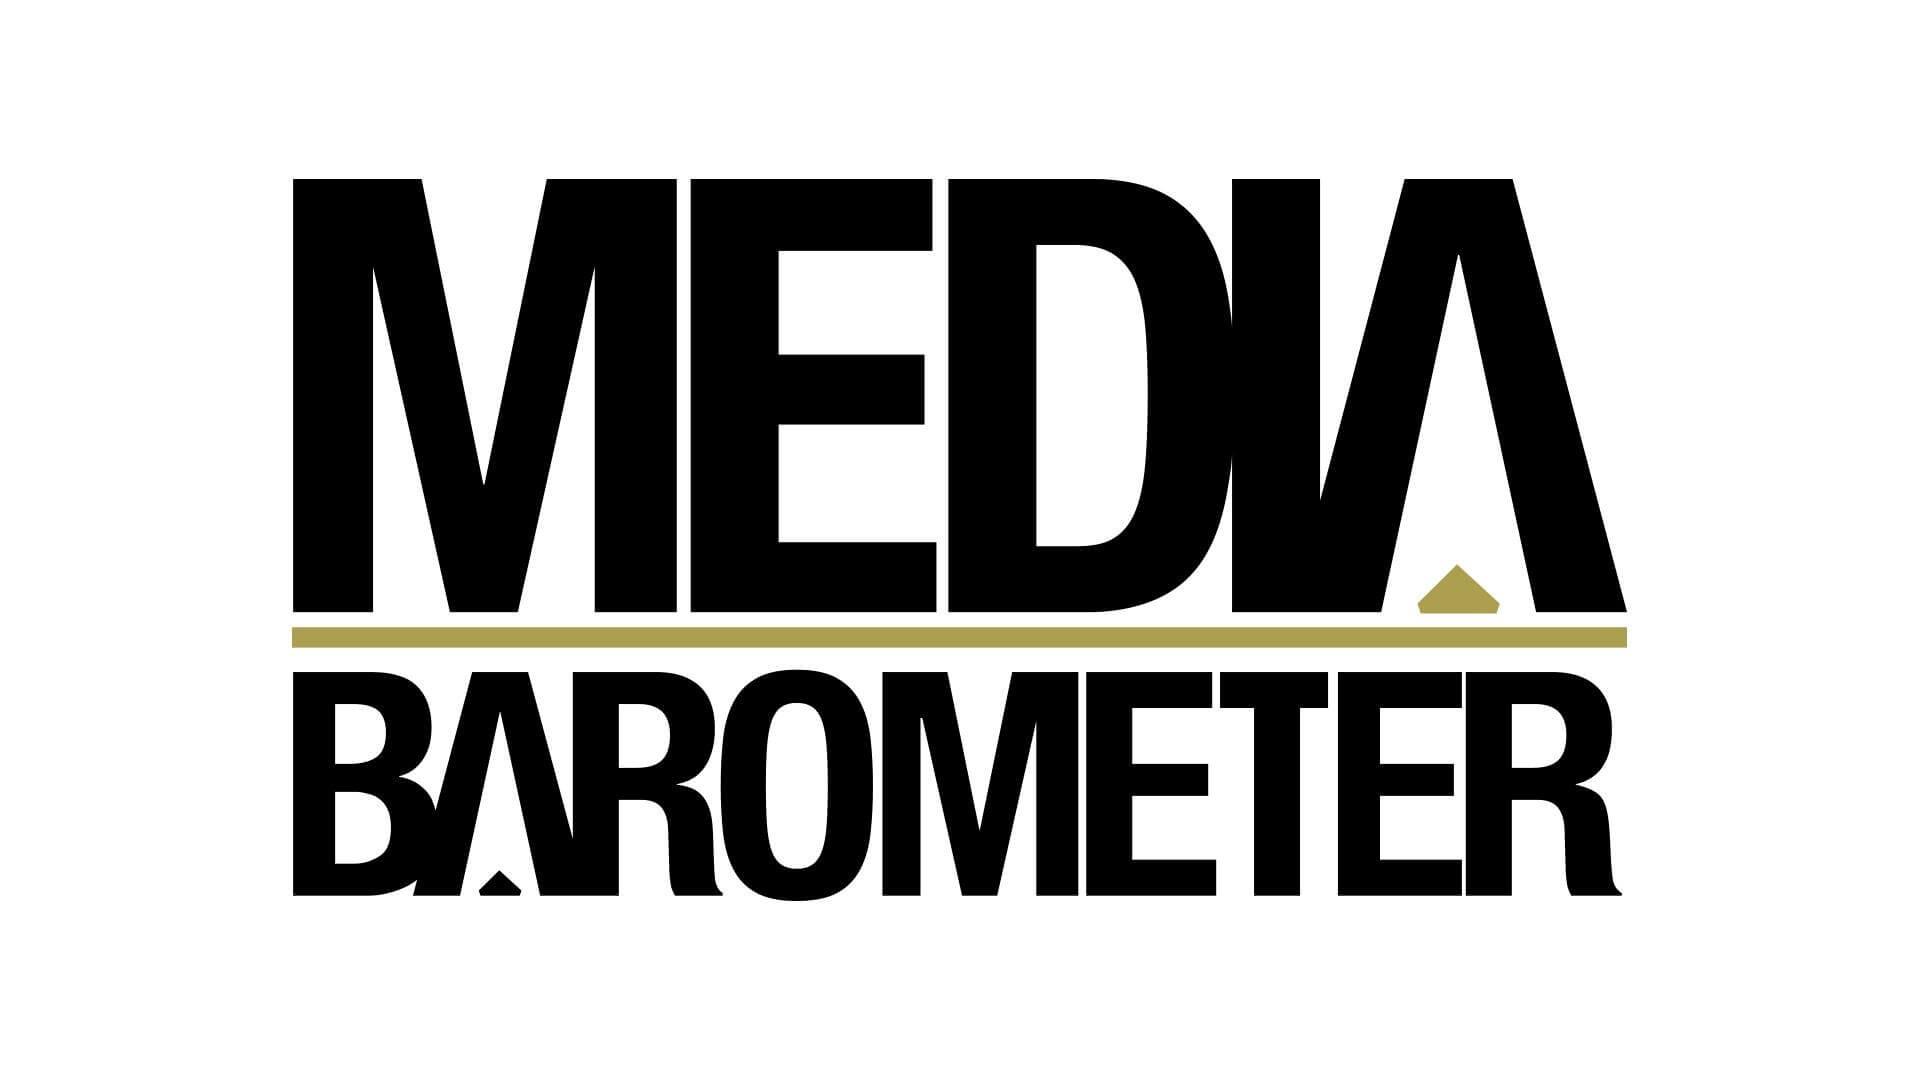 (Suomeksi) Toimittajien luottamus yrityksiin kasvussa - T-Media